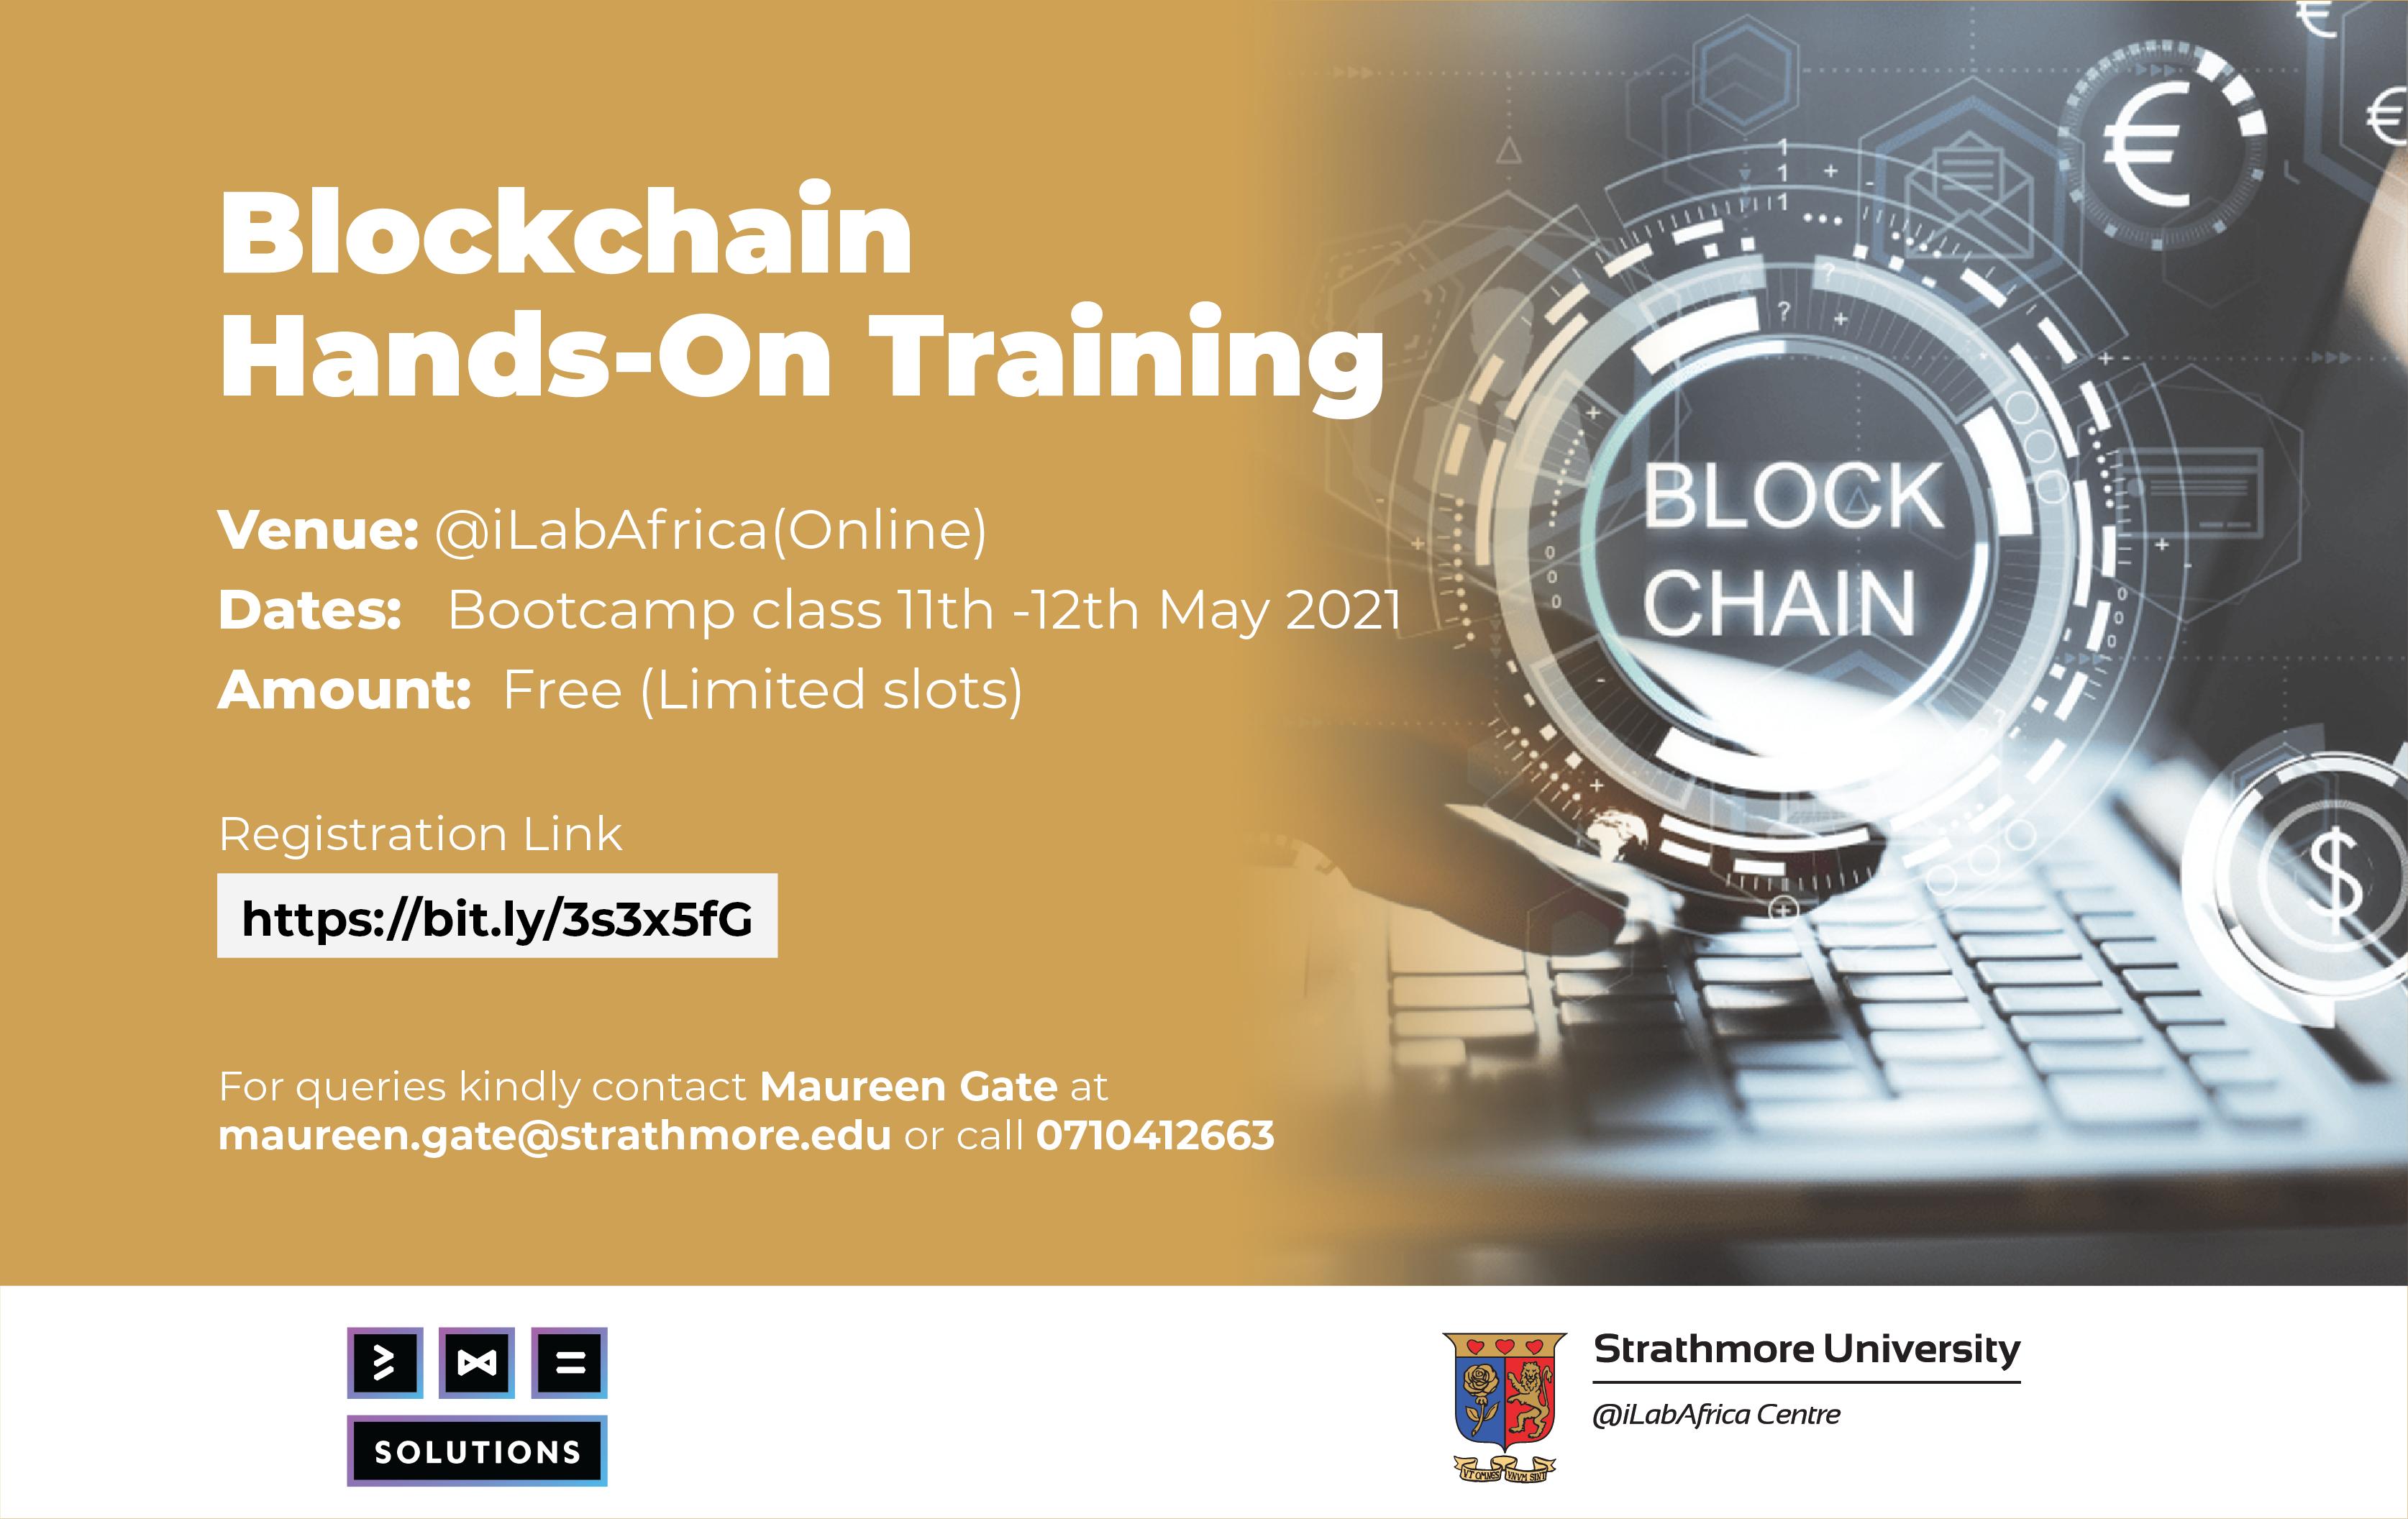 Blockchain@ilabafrica-01